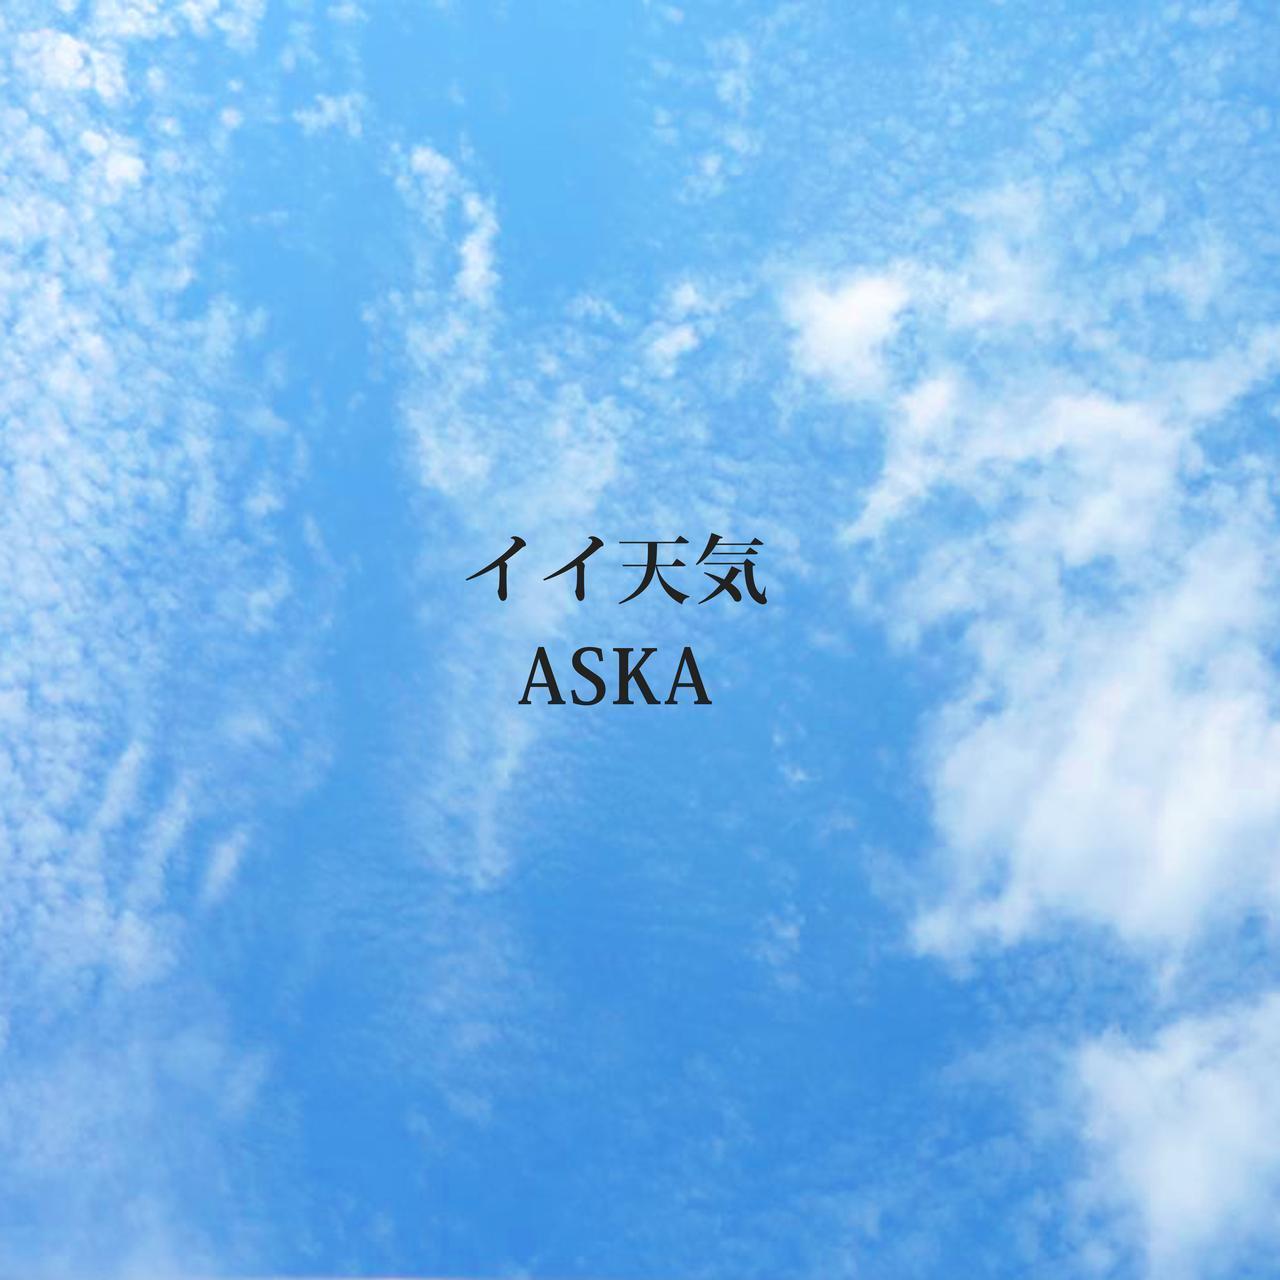 画像: 本日より、ASKA『虹の花』『未来の人よ』『修羅を行く』『イイ天気』配信開始 - Weare